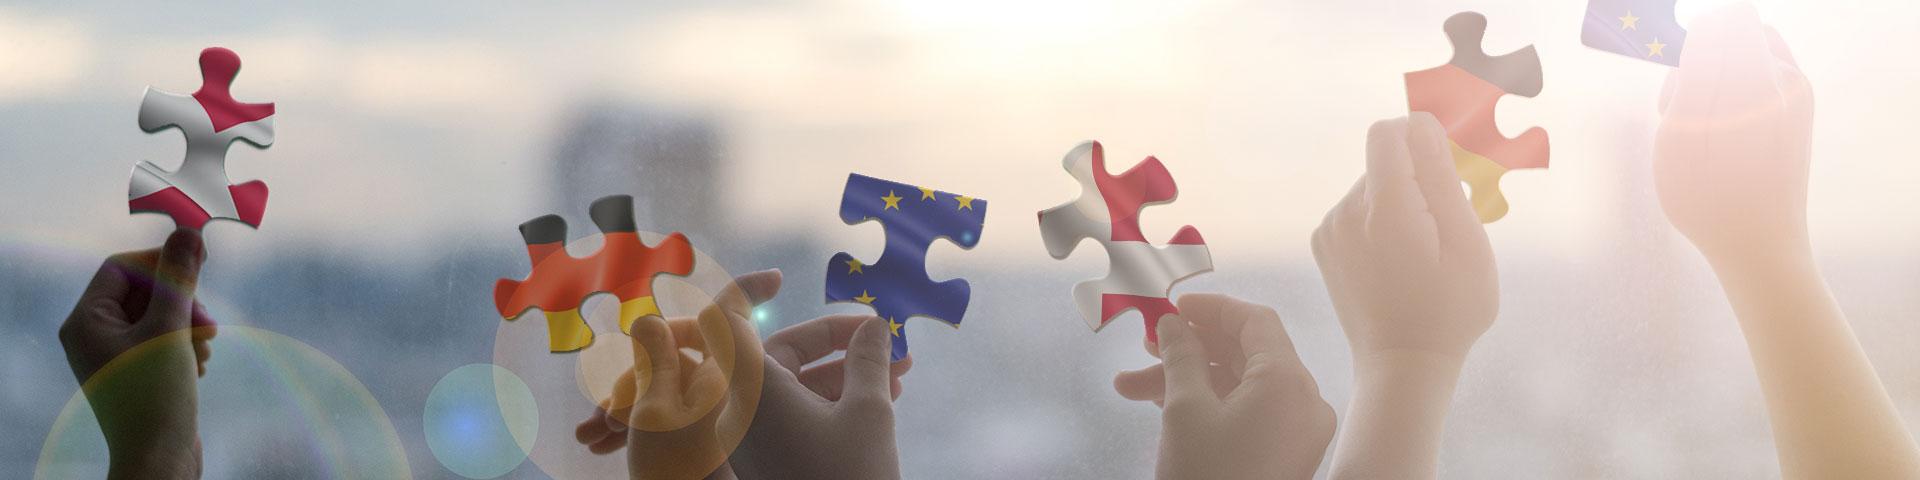 Hände halten Puzzleteile hoch die entweder die europäische, dänische oder deutsche Flagge abbilden